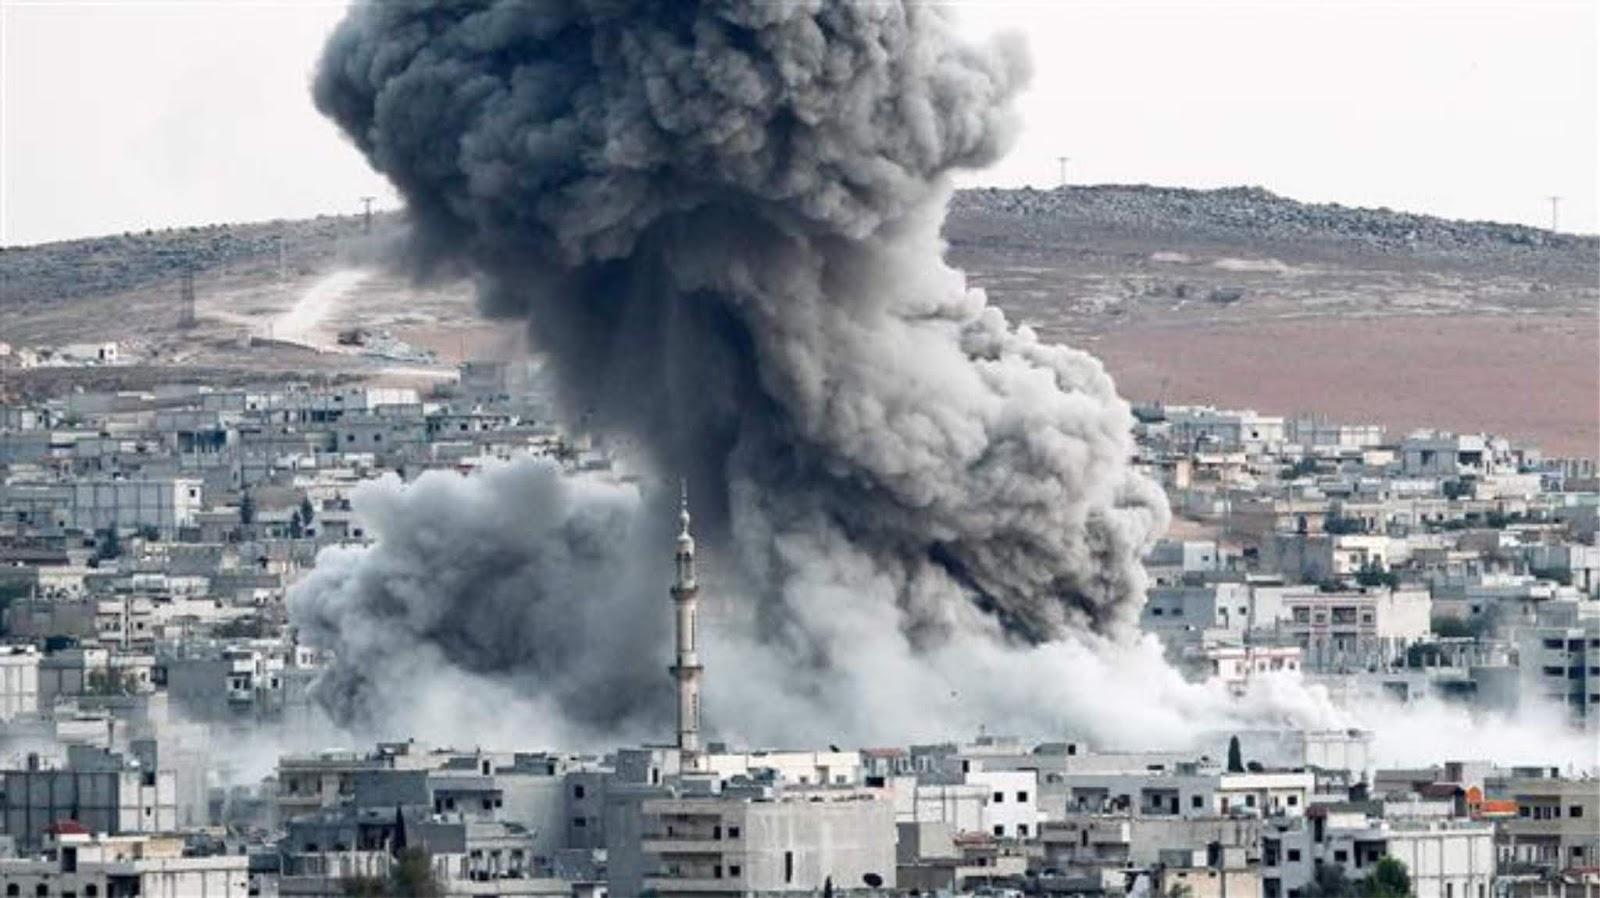 Koalisi AS di Suriah mengumumkan bahwa mereka telah menyerang masjid, karena ada militan di dalamnya